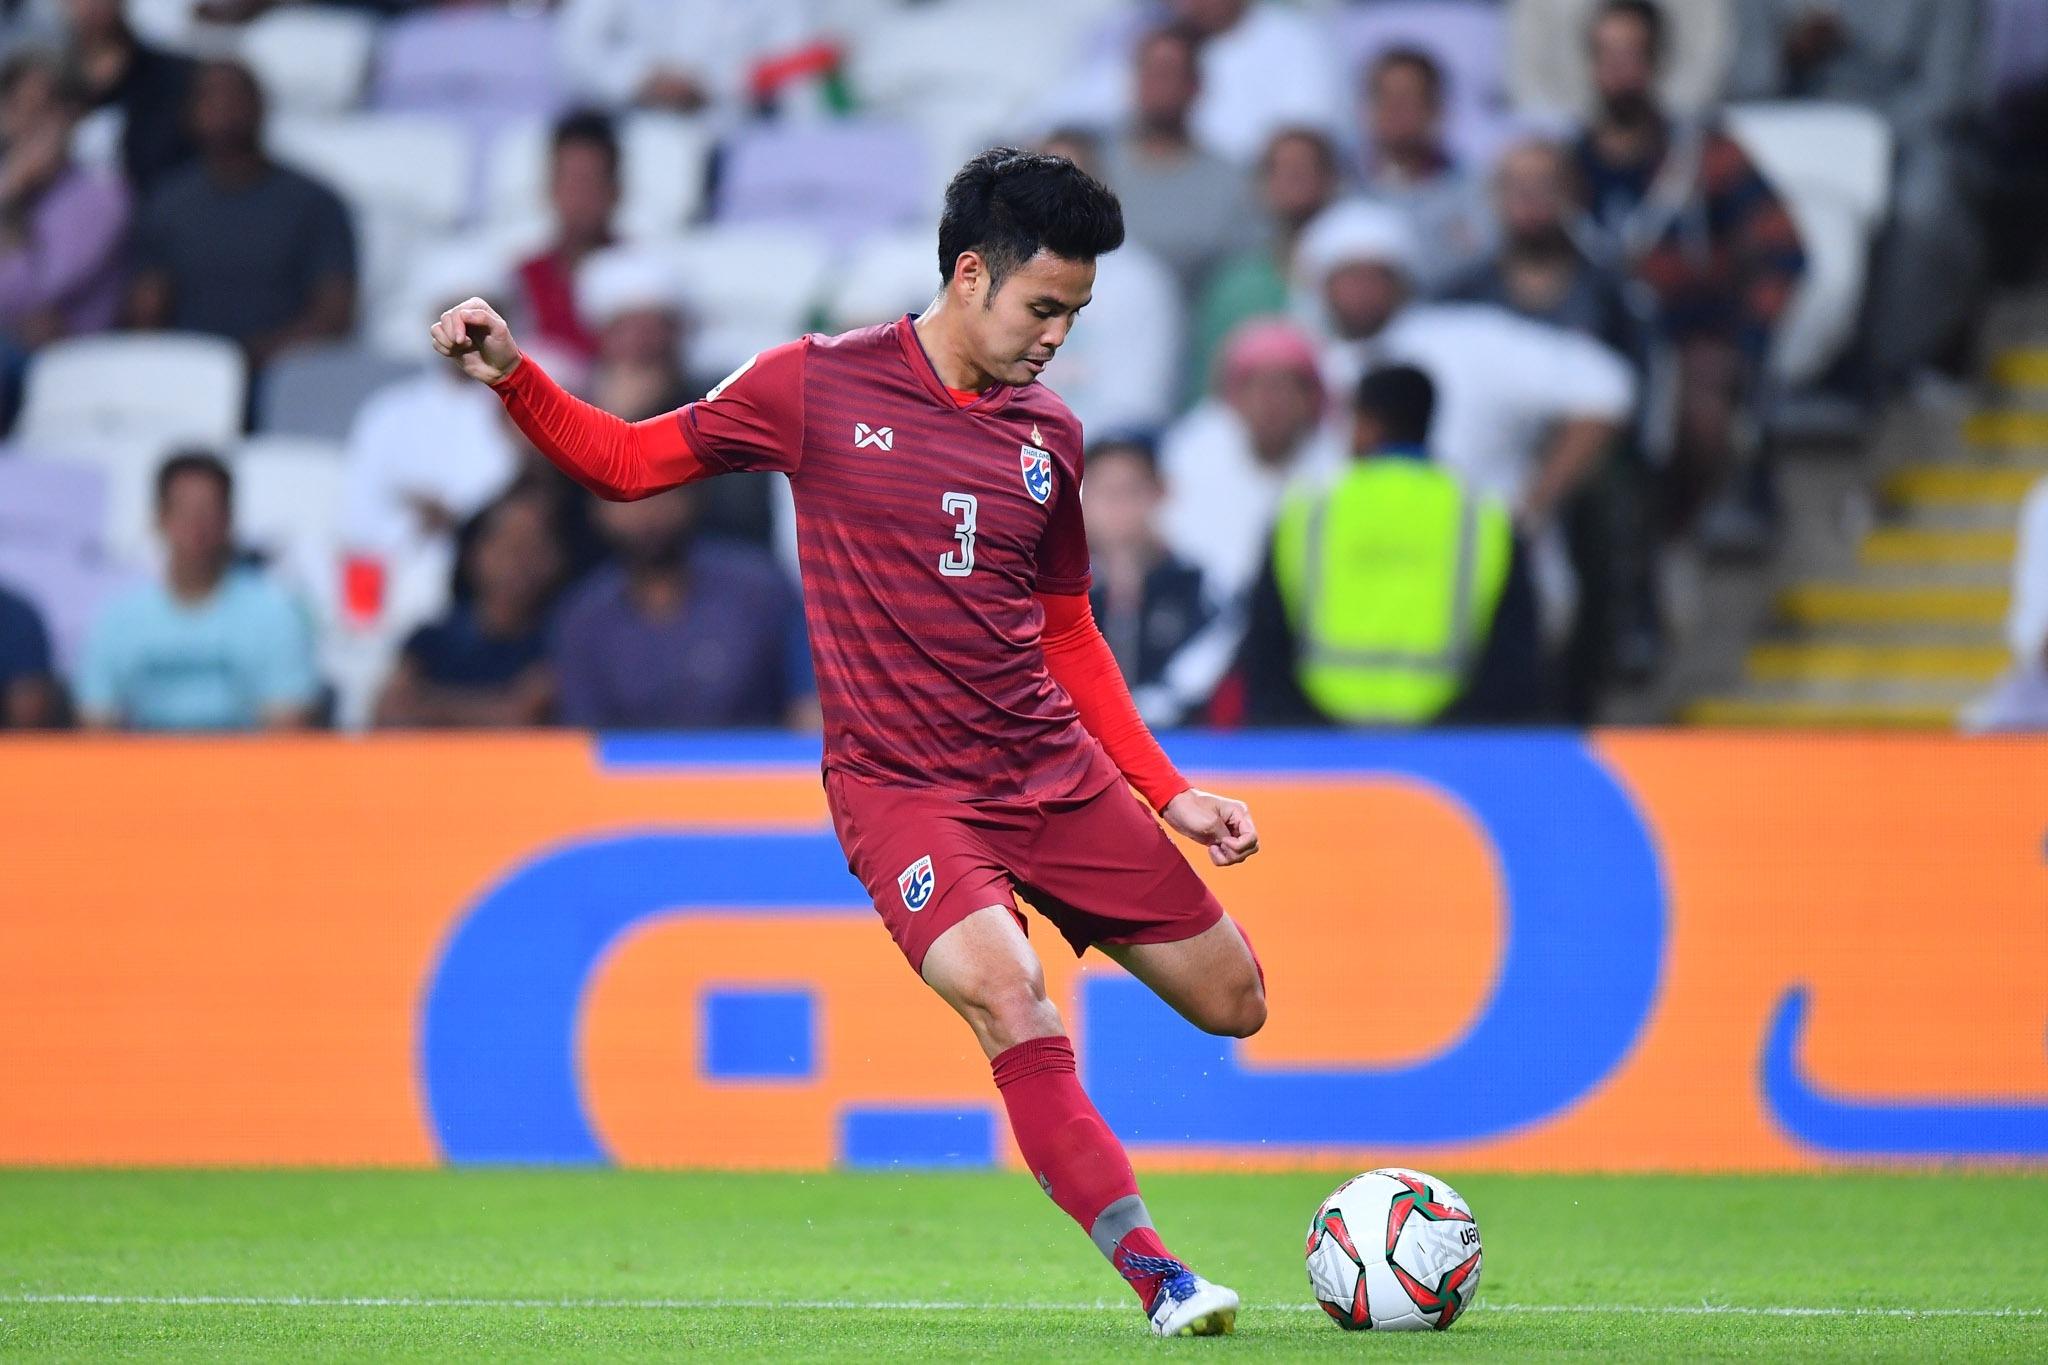 ทีมชาติไทย ธีราทร บุญมาทัน เอเชียรคัพ 2019